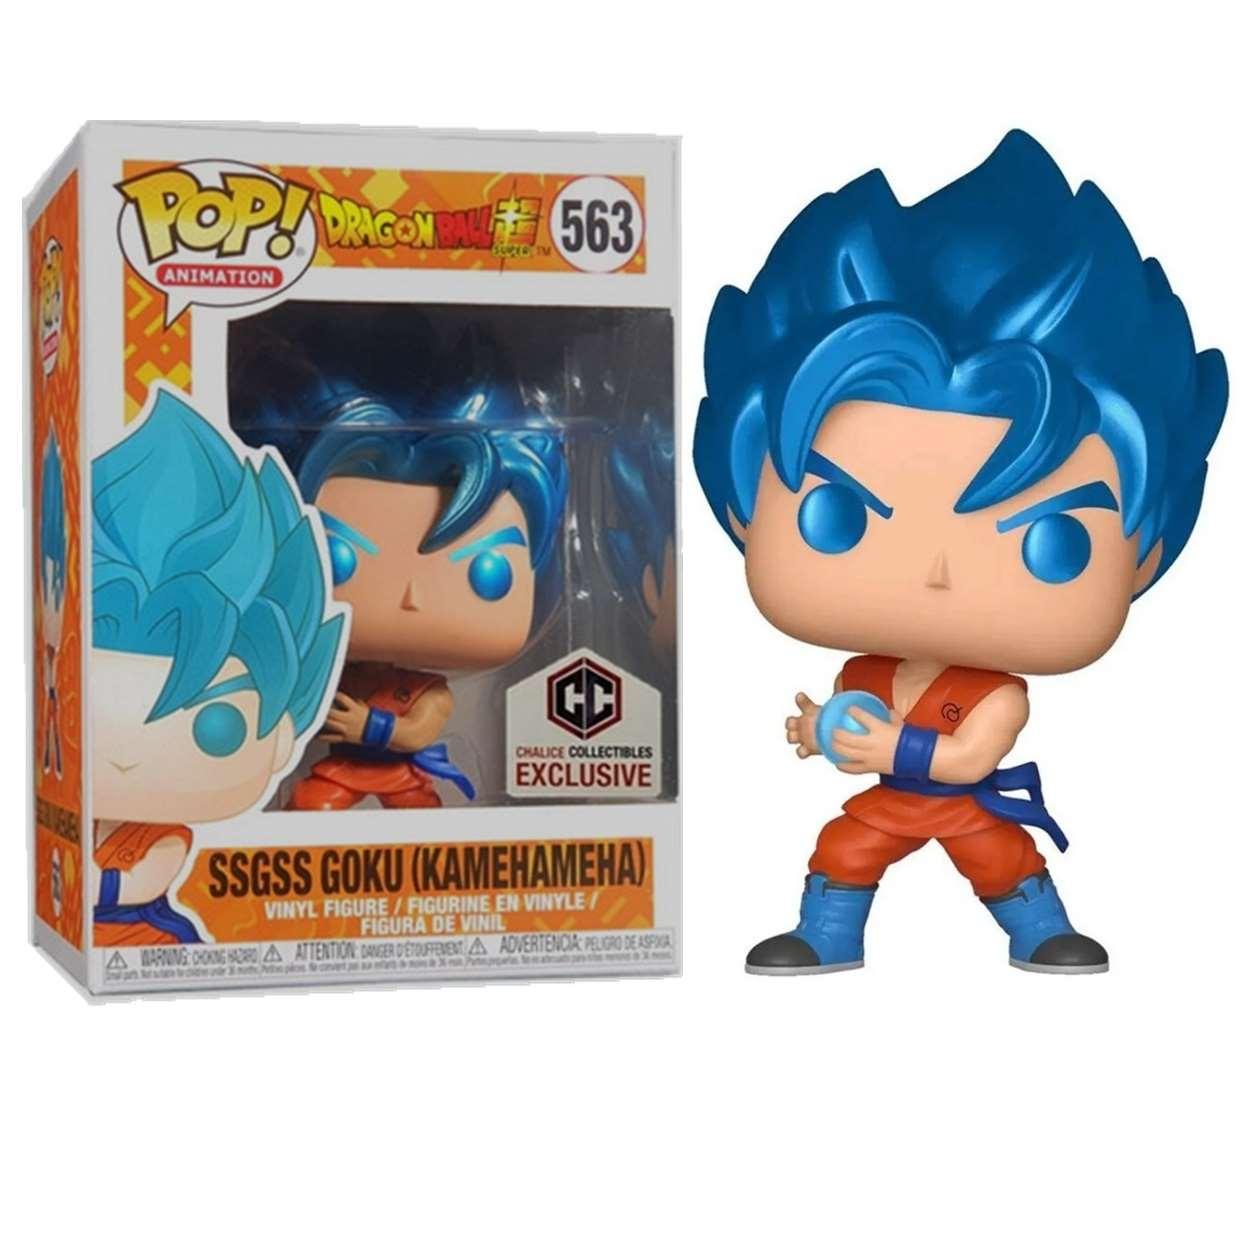 Ssgss Goku Kamehameha #563 Dragon Ball Z Super Funko Pop!